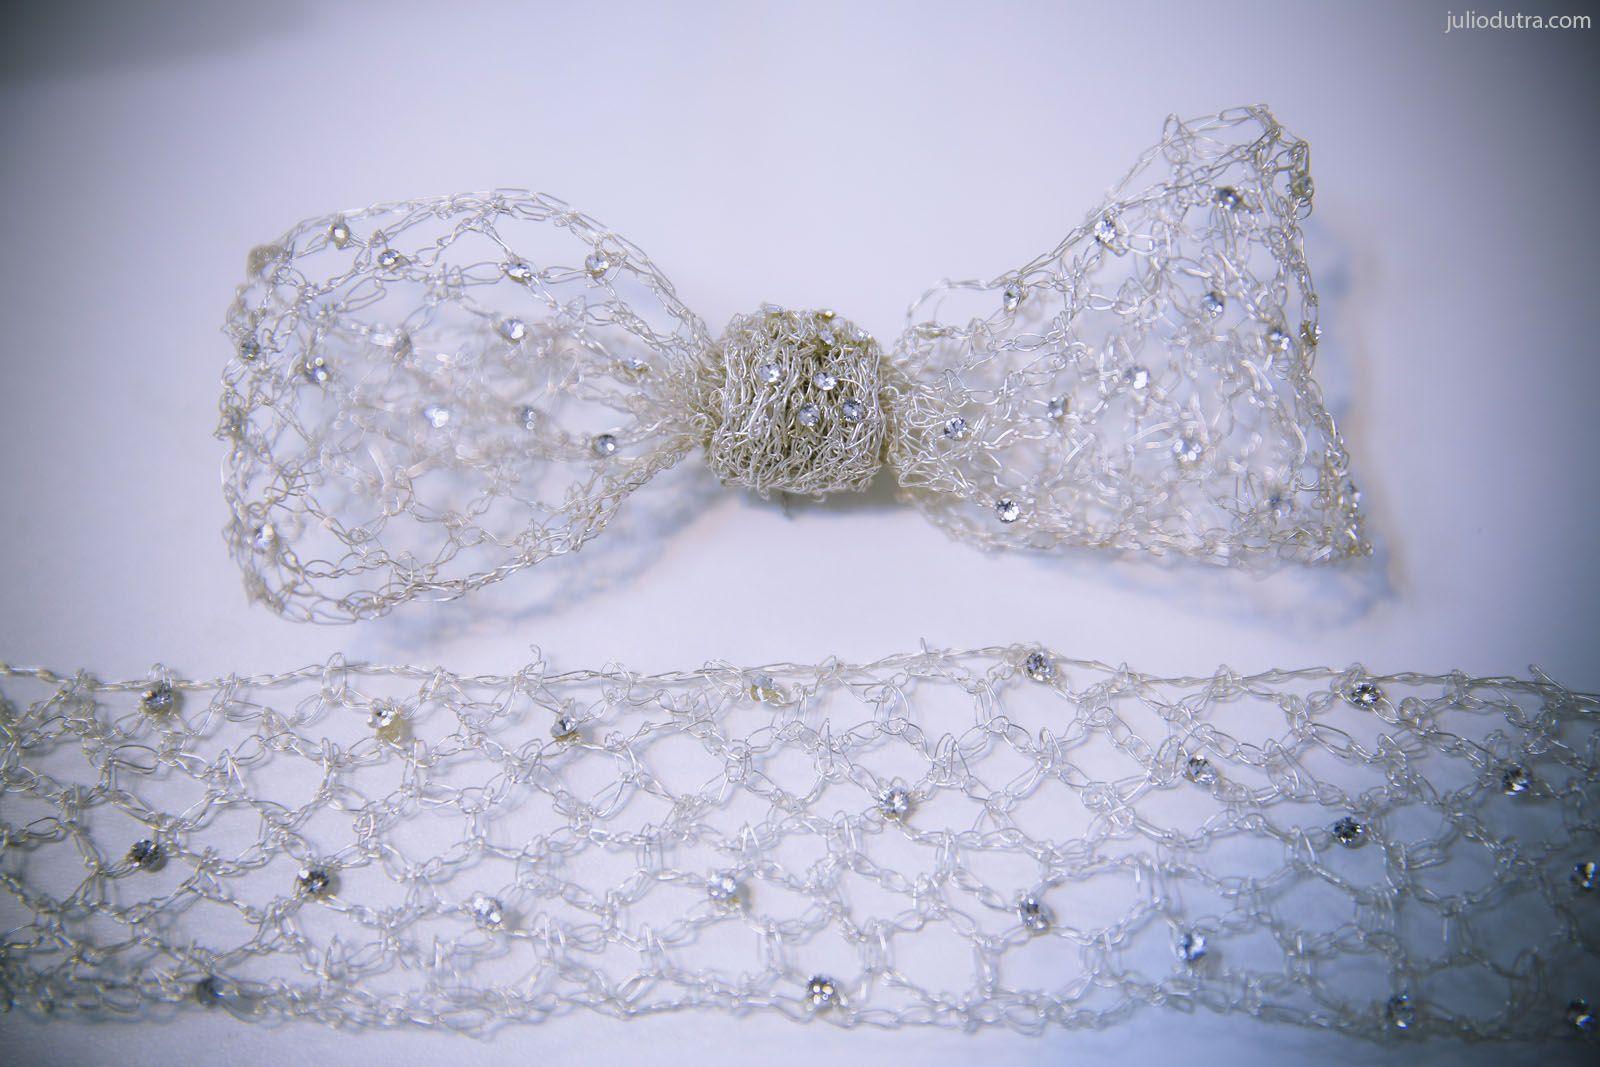 Dcantidio casamento-anna-carolina-e-rafael-julio-dutra (1)